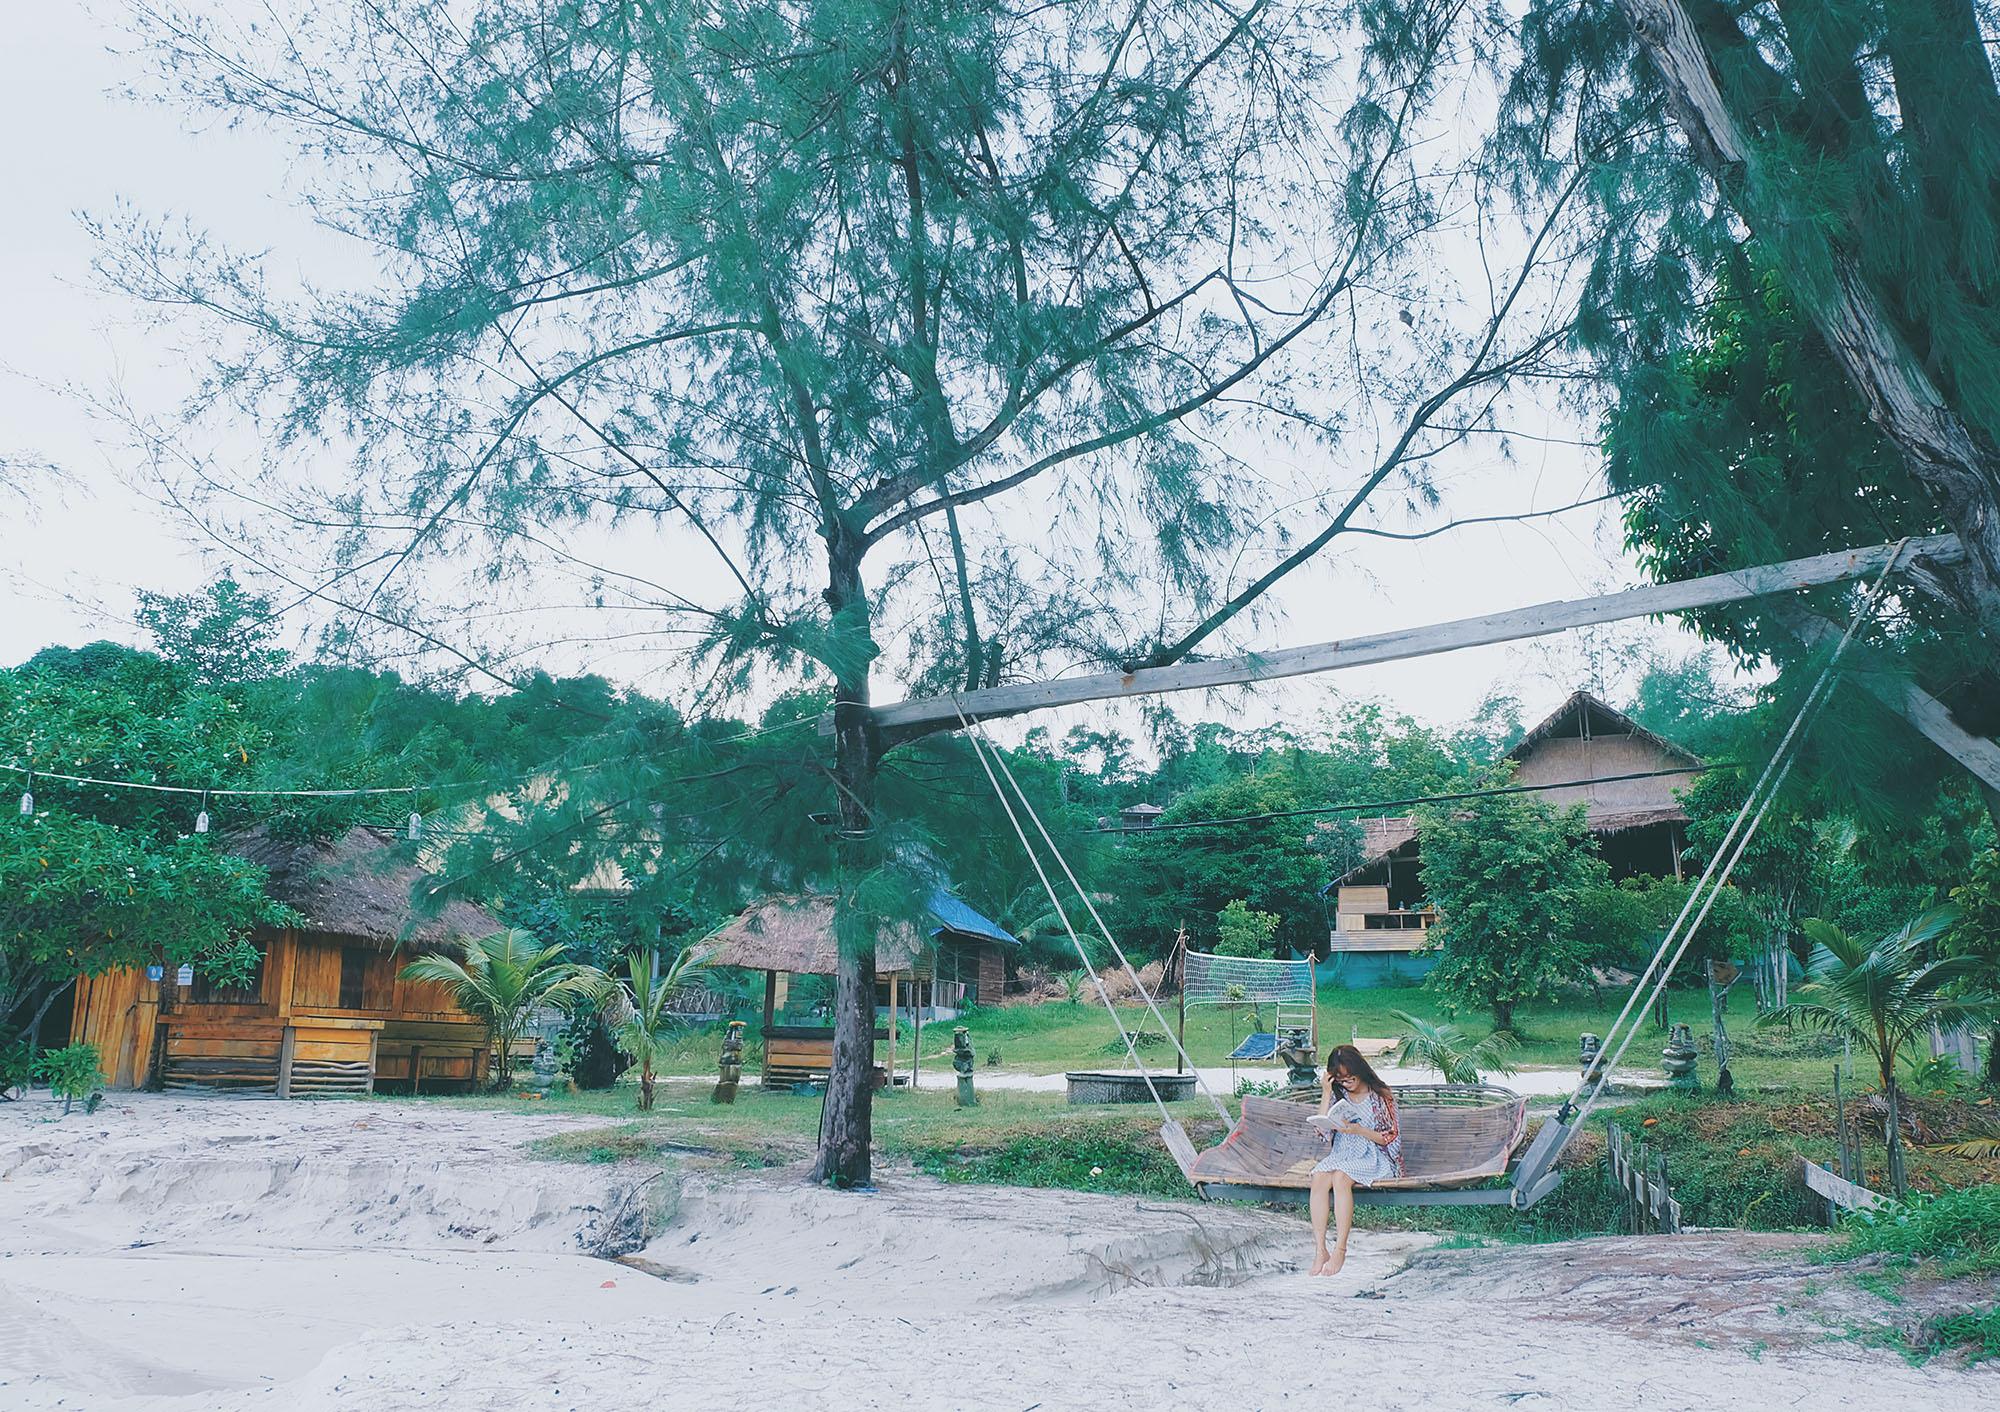 koh rong2 - Nên chọn đi đảo Koh Rong hay đảo Koh Rong Samloem?